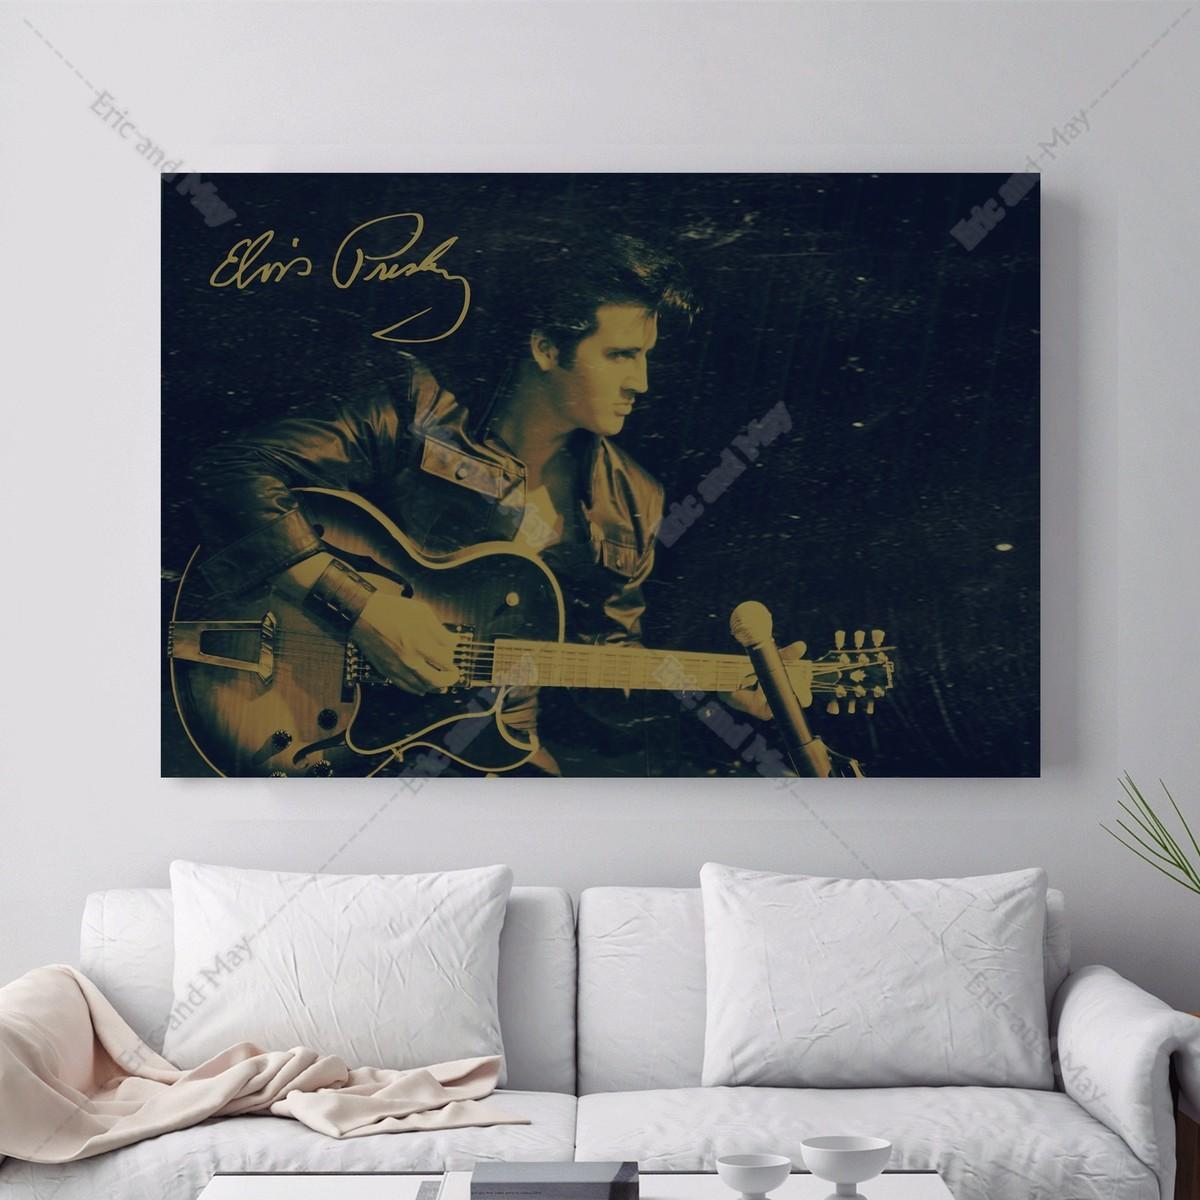 Elvis Gitarre Musik Vintage Leinwand Kunstdruck Malerei Poster Wand Bild Fr Wohnzimmer Home Dekorative Schlafzimmer Decor